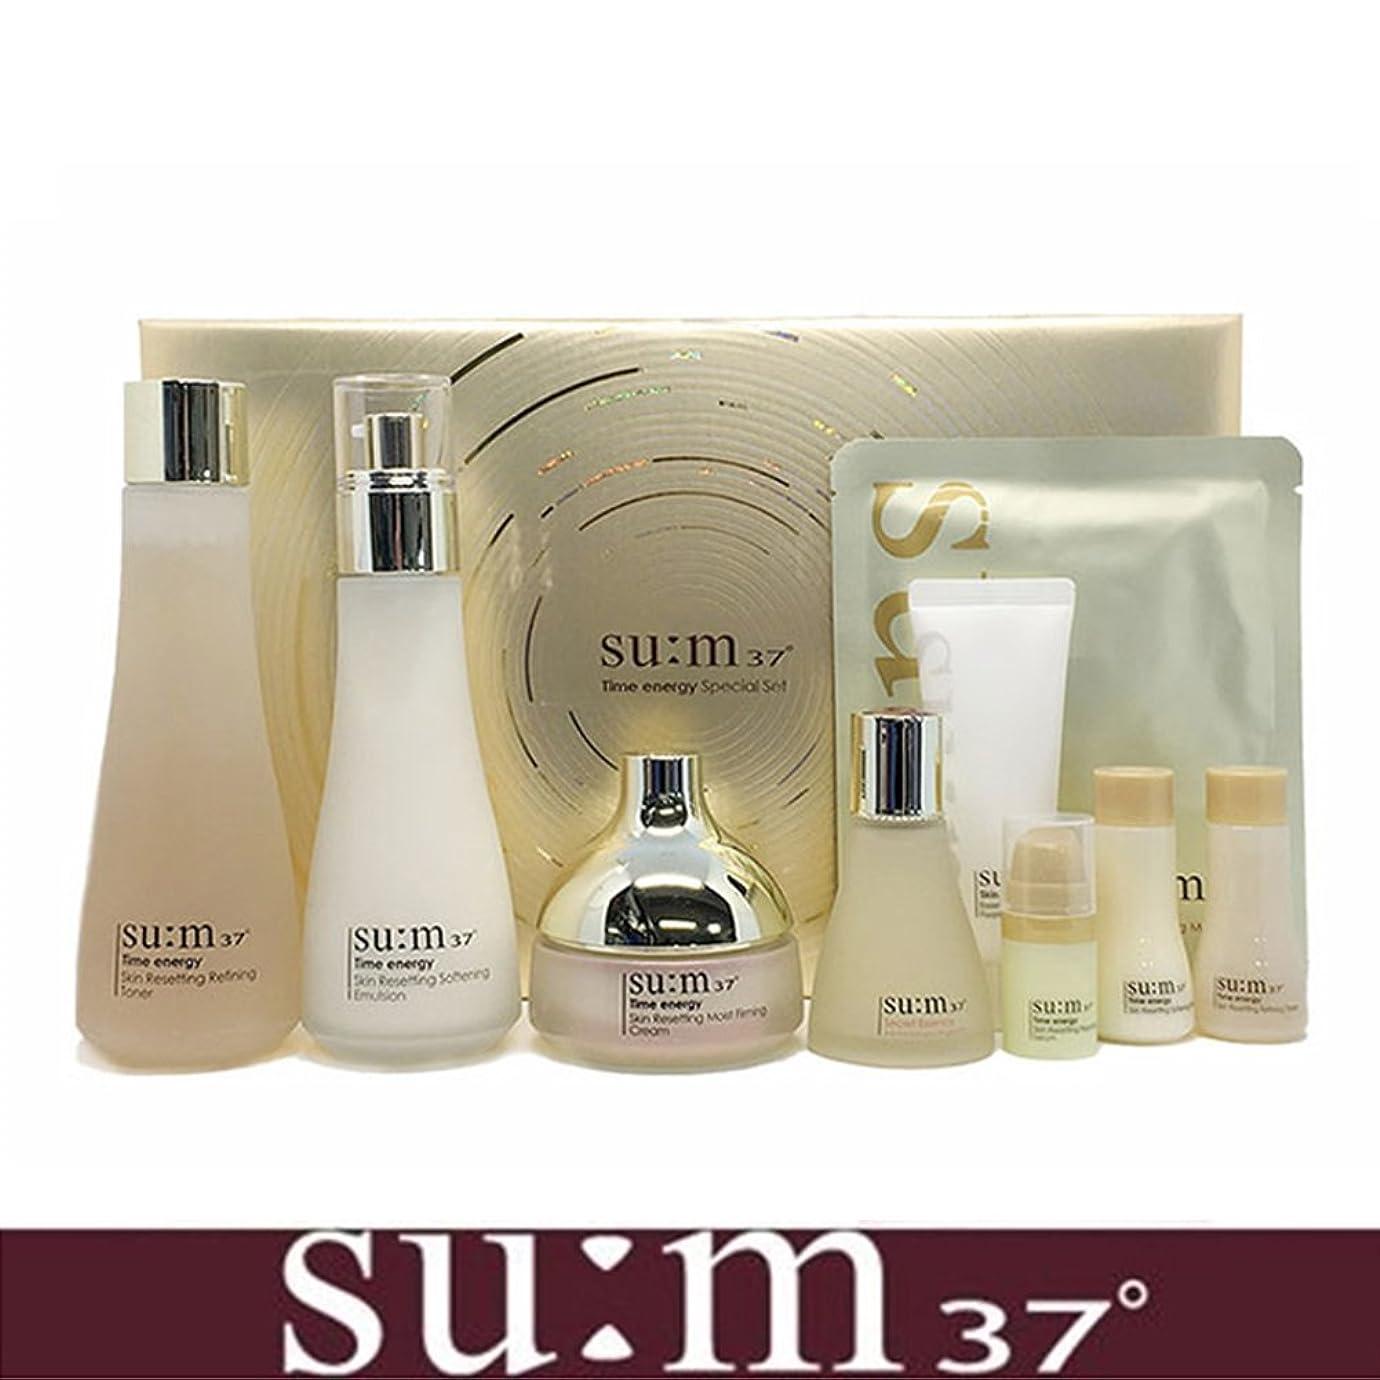 繰り返したジャンクションチョーク[su:m37/スム37°] SUM37 Time Energy 3pcs Special Skincare Set / タイムエネルギーの3種のスペシャルセット+[Sample Gift](海外直送品)